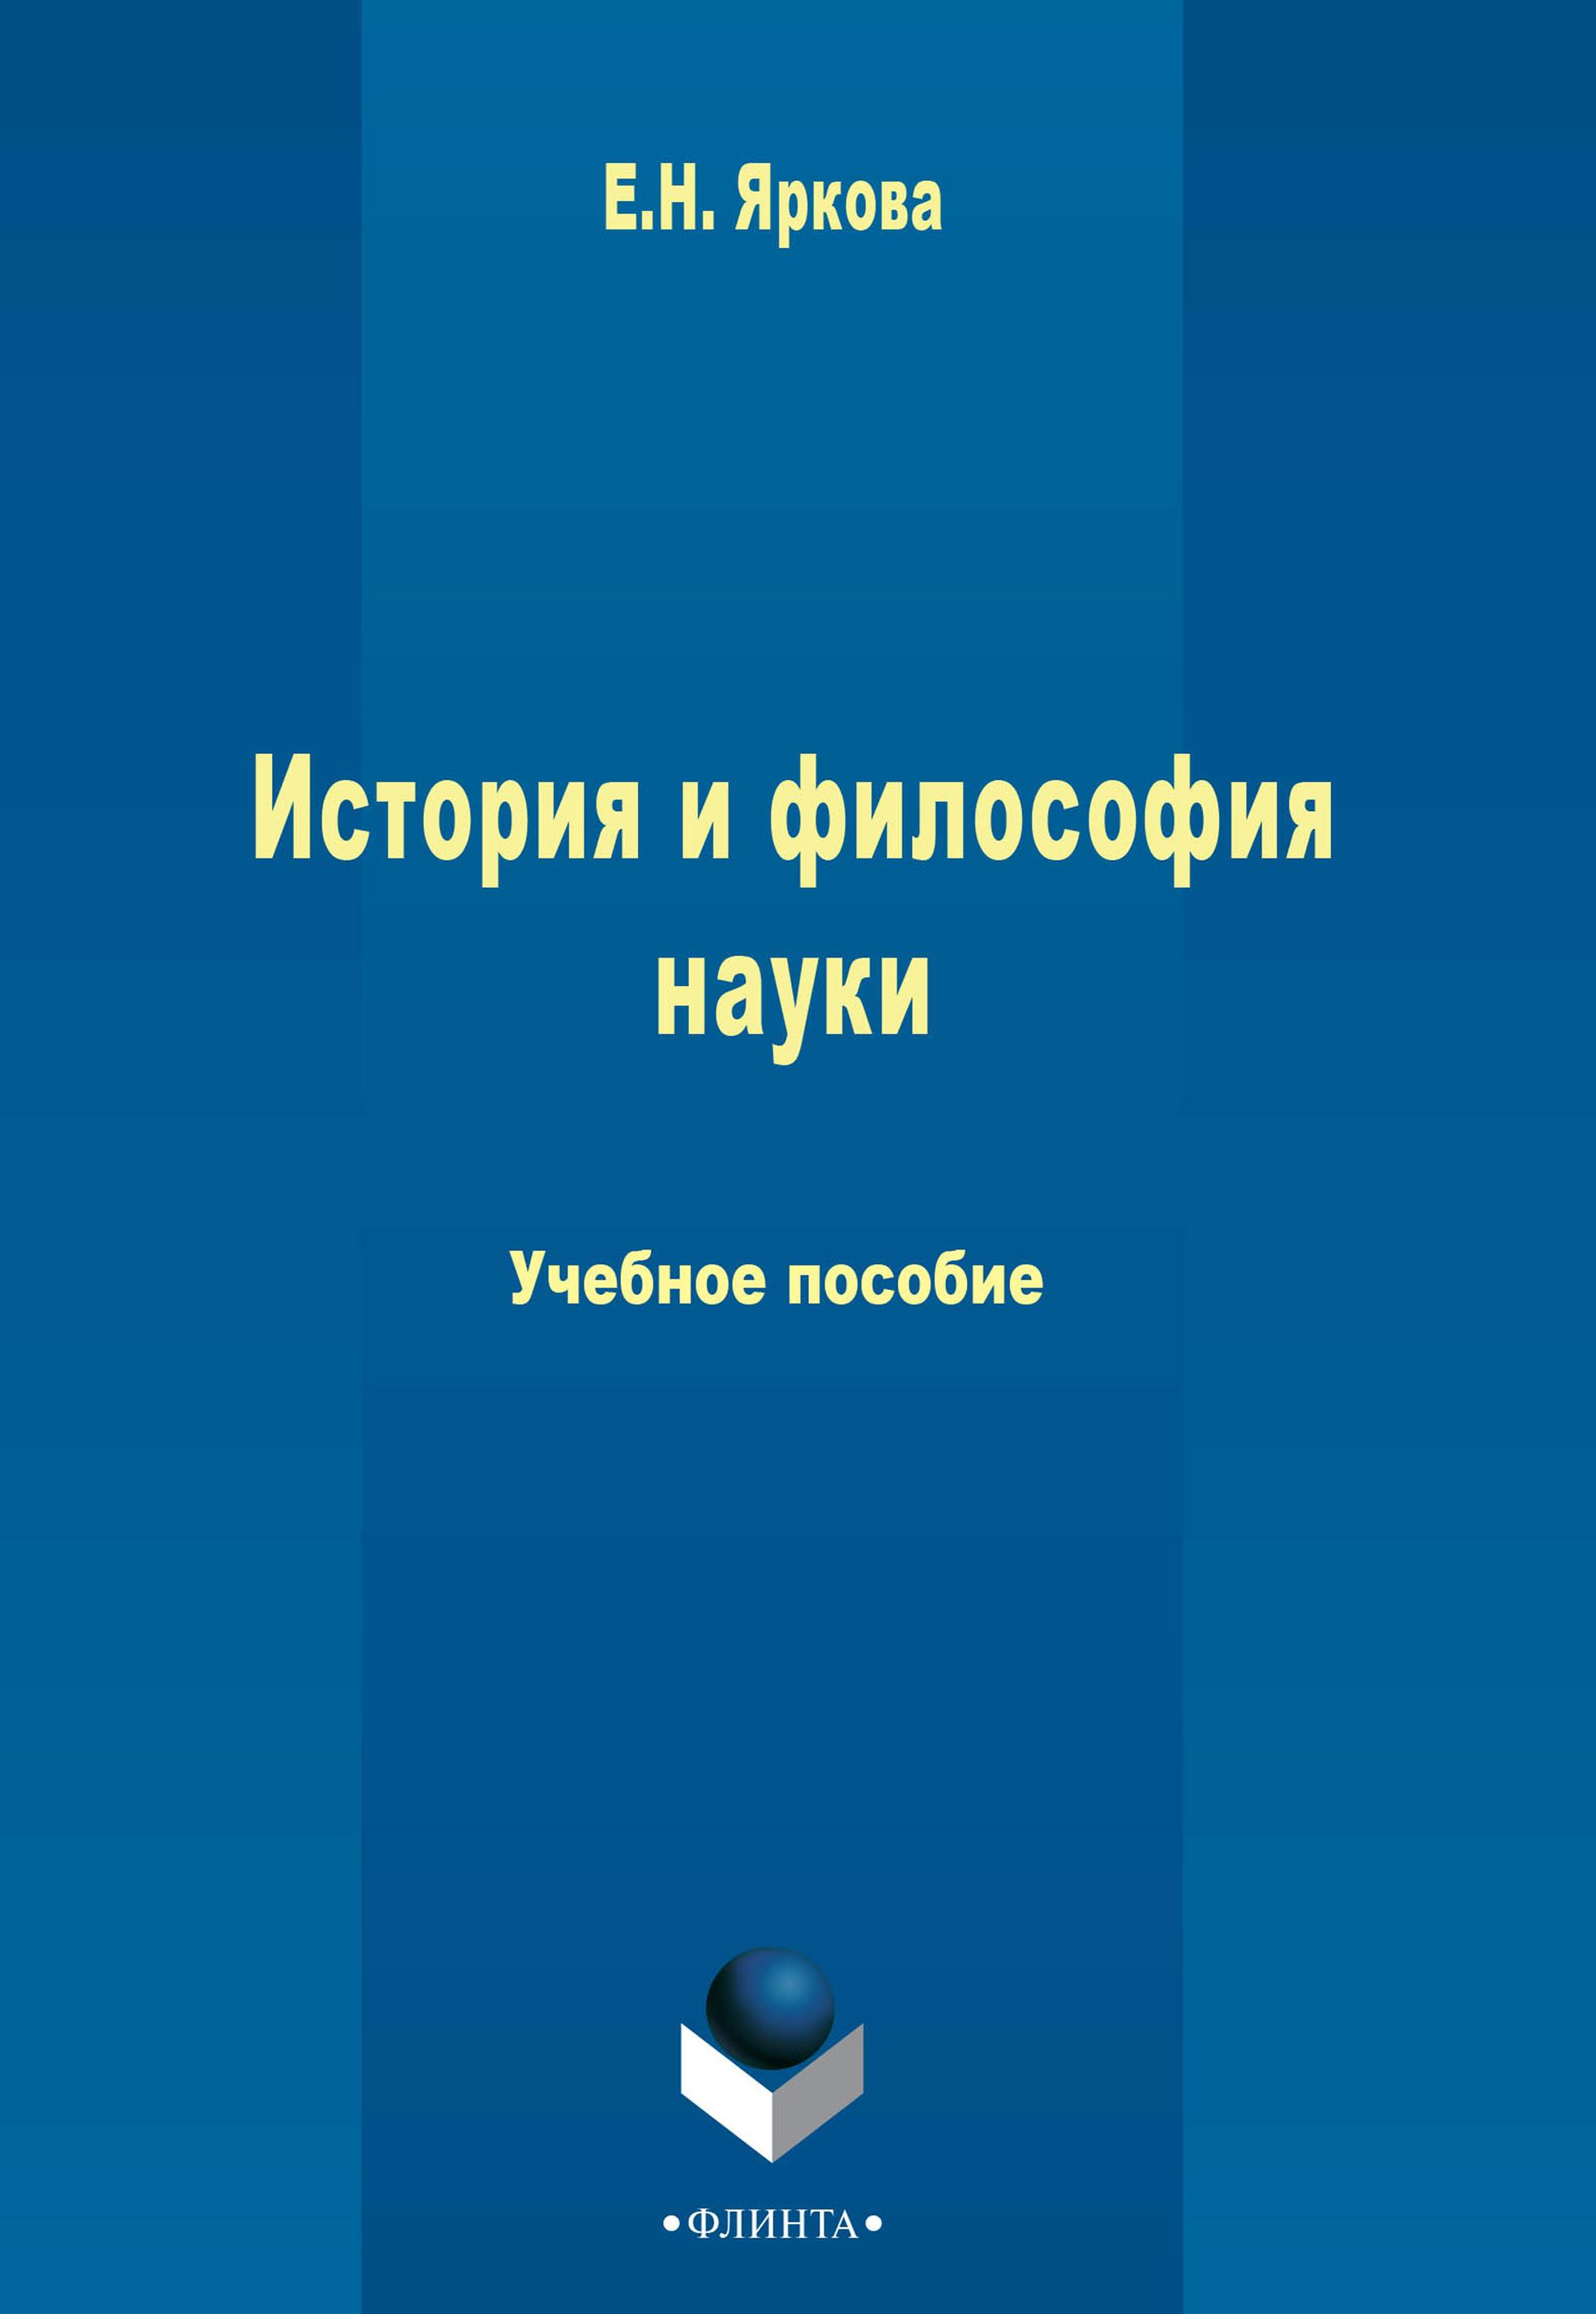 История и философия науки ( Е. Н. Яркова  )